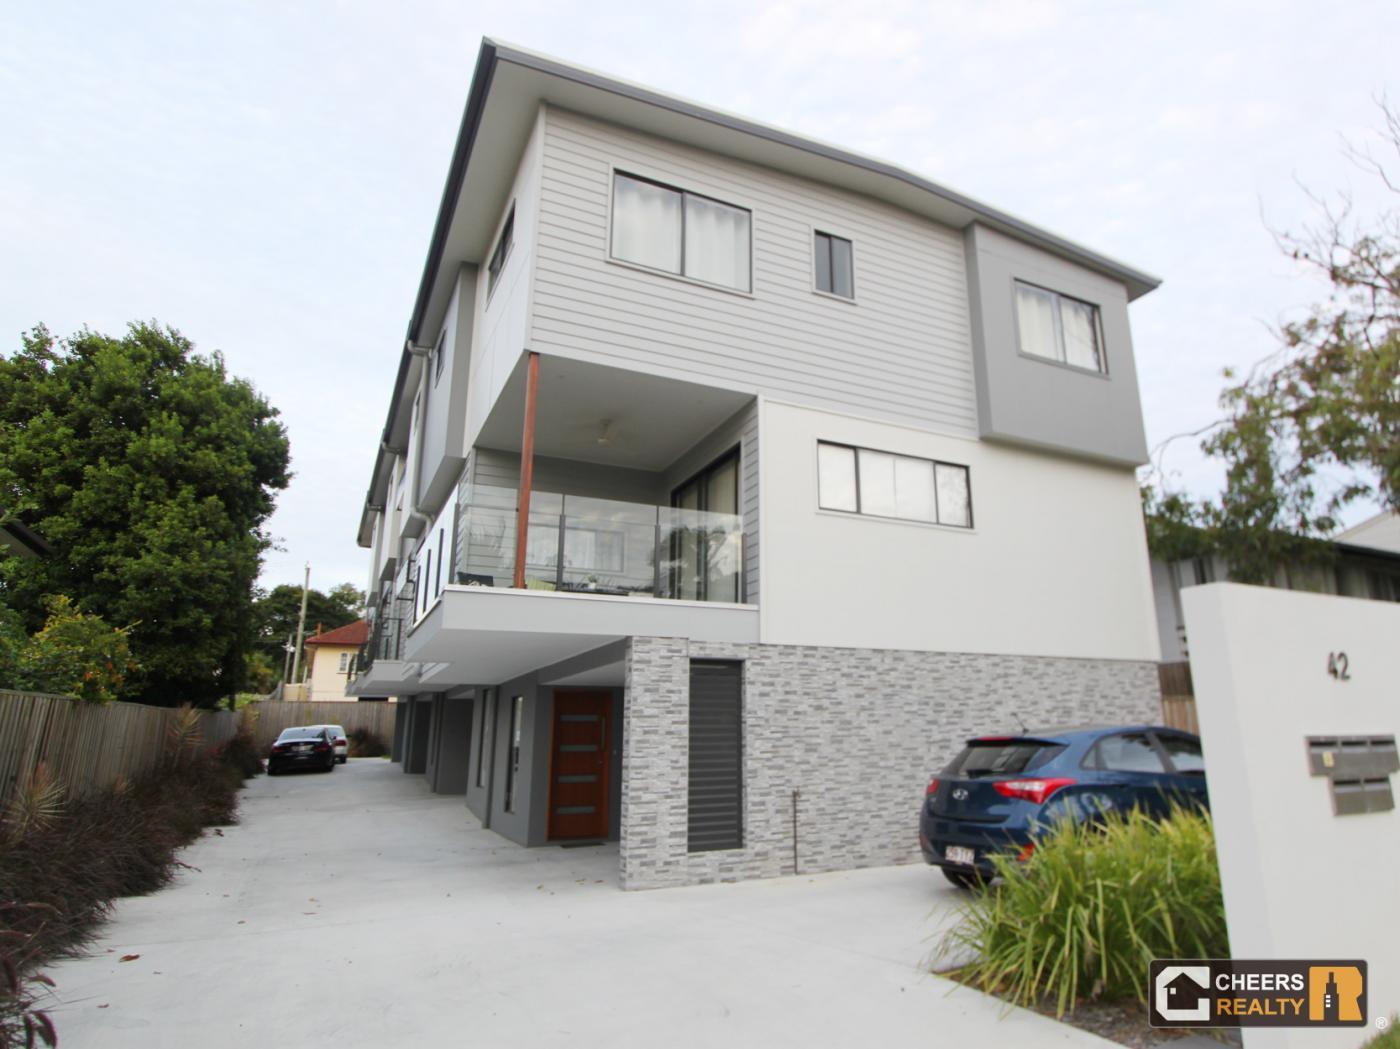 Commercial real estate for sale in mount gravatt east qld 4122 pg 3 - 4 42 Howsan Street Mount Gravatt East Qld 4122